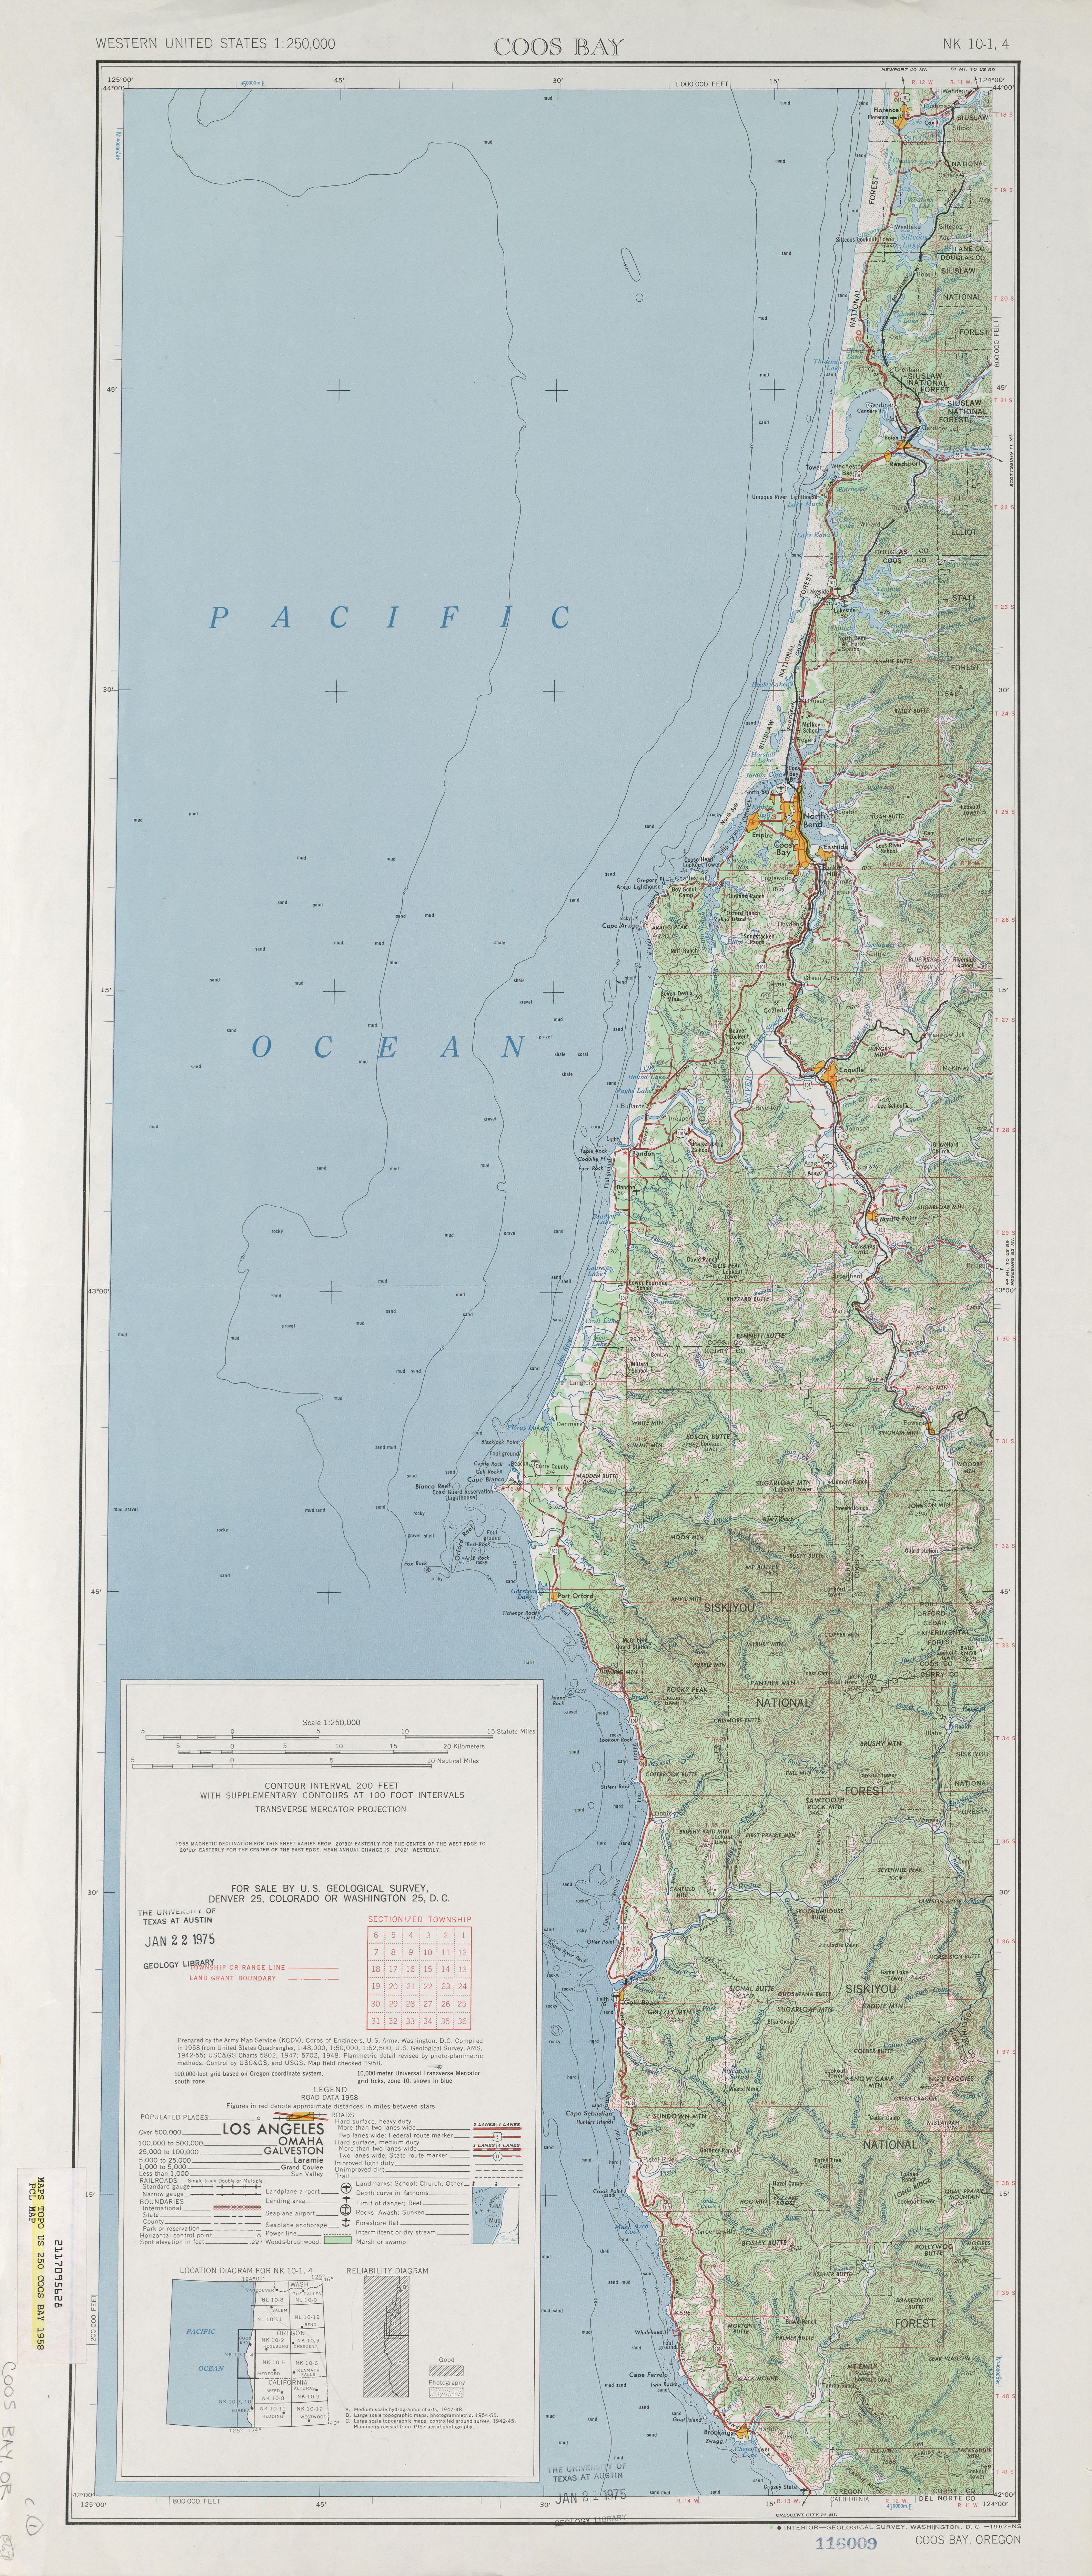 Hoja Coos Bay del Mapa Topográfico de los Estados Unidos 1958